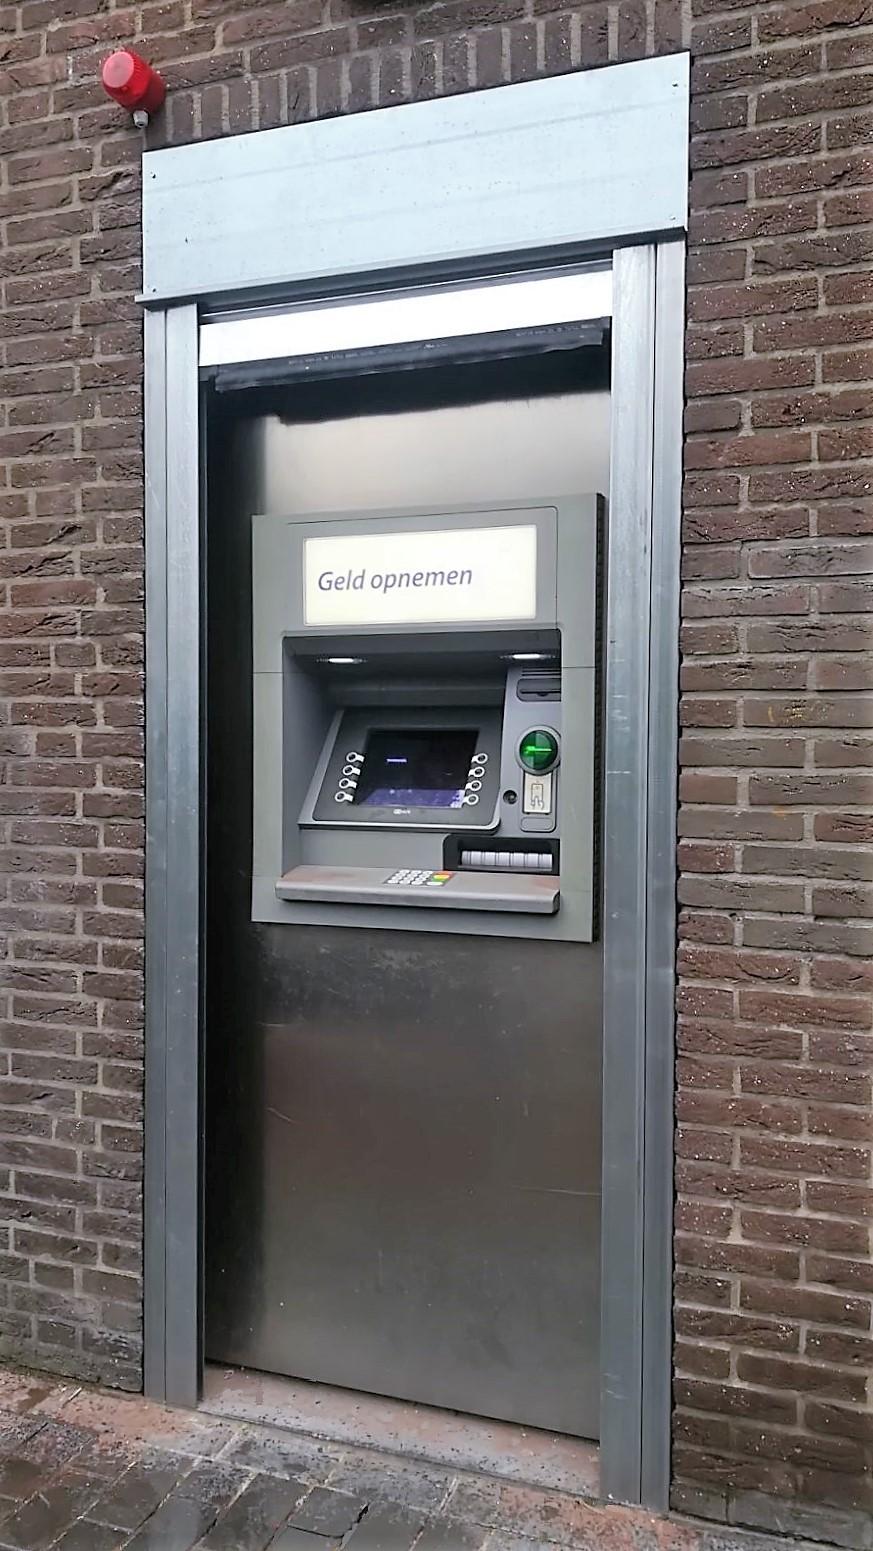 Geldautomaten afschermen met stalen beveiligingsrolluik